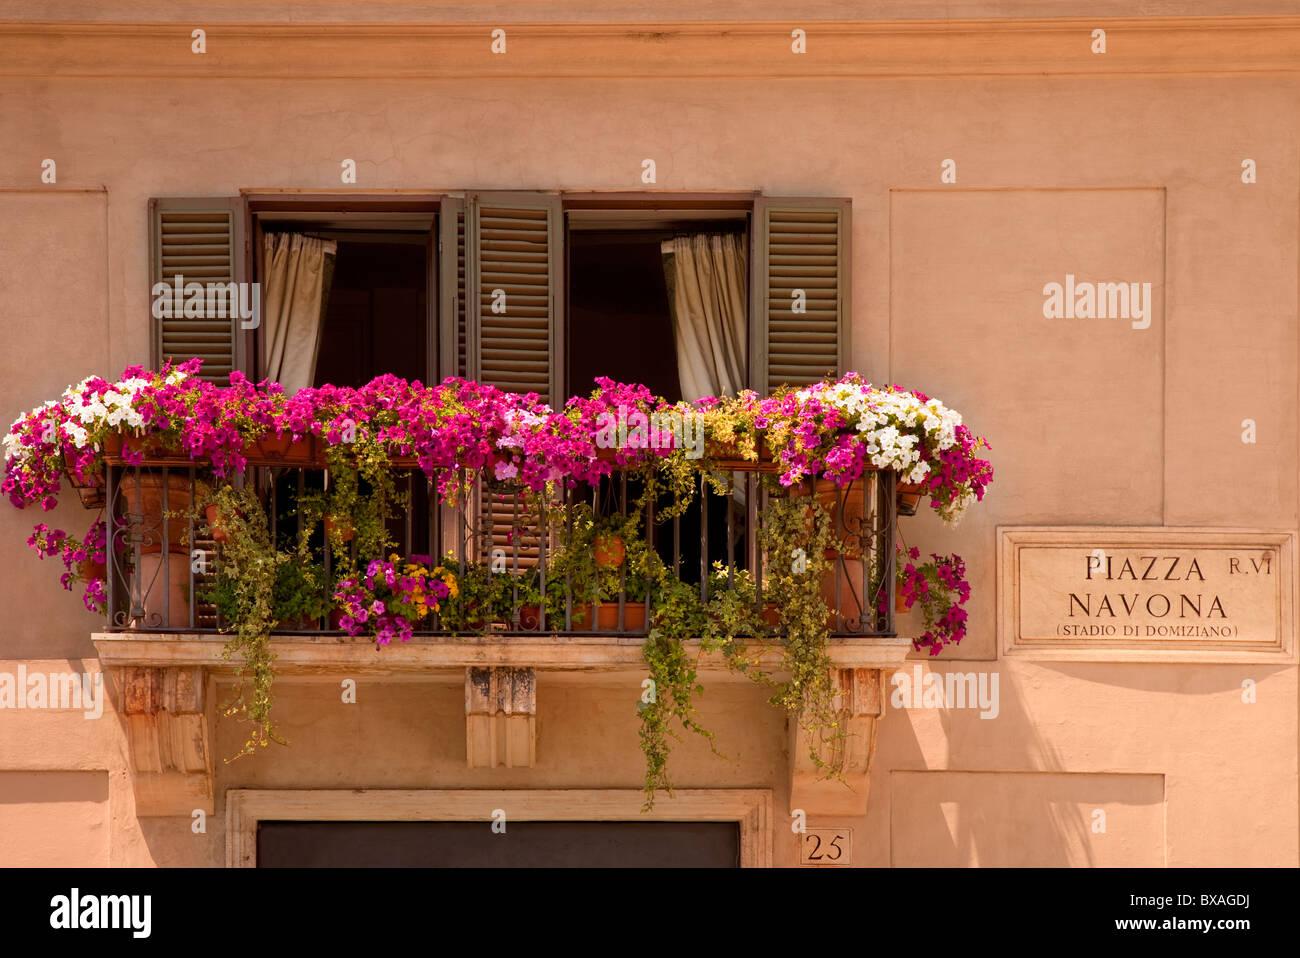 Blumen blühen auf dem Balkon mit Blick auf Piazza Navona in Rom Italien Stockbild